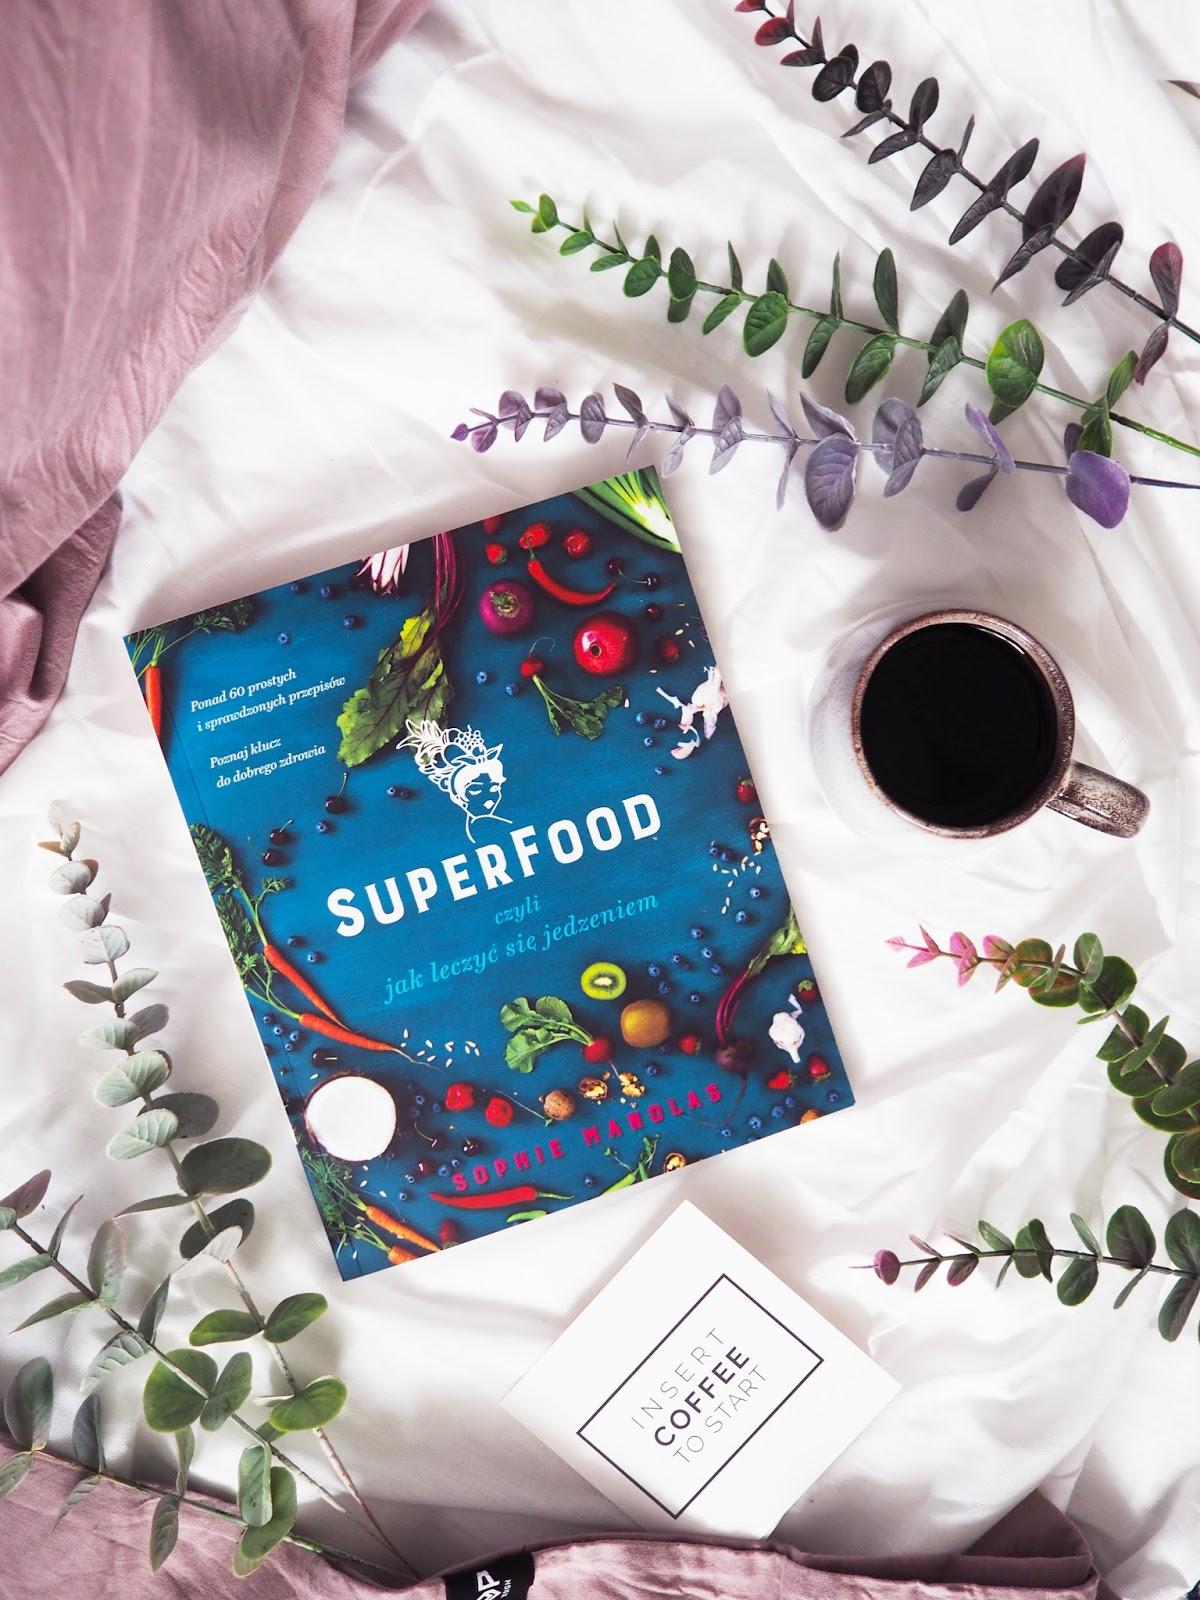 SUPERFOOD, CZYLI JAK LECZYĆ SIĘ JEDZENIEM SOPHIE MANOLAS